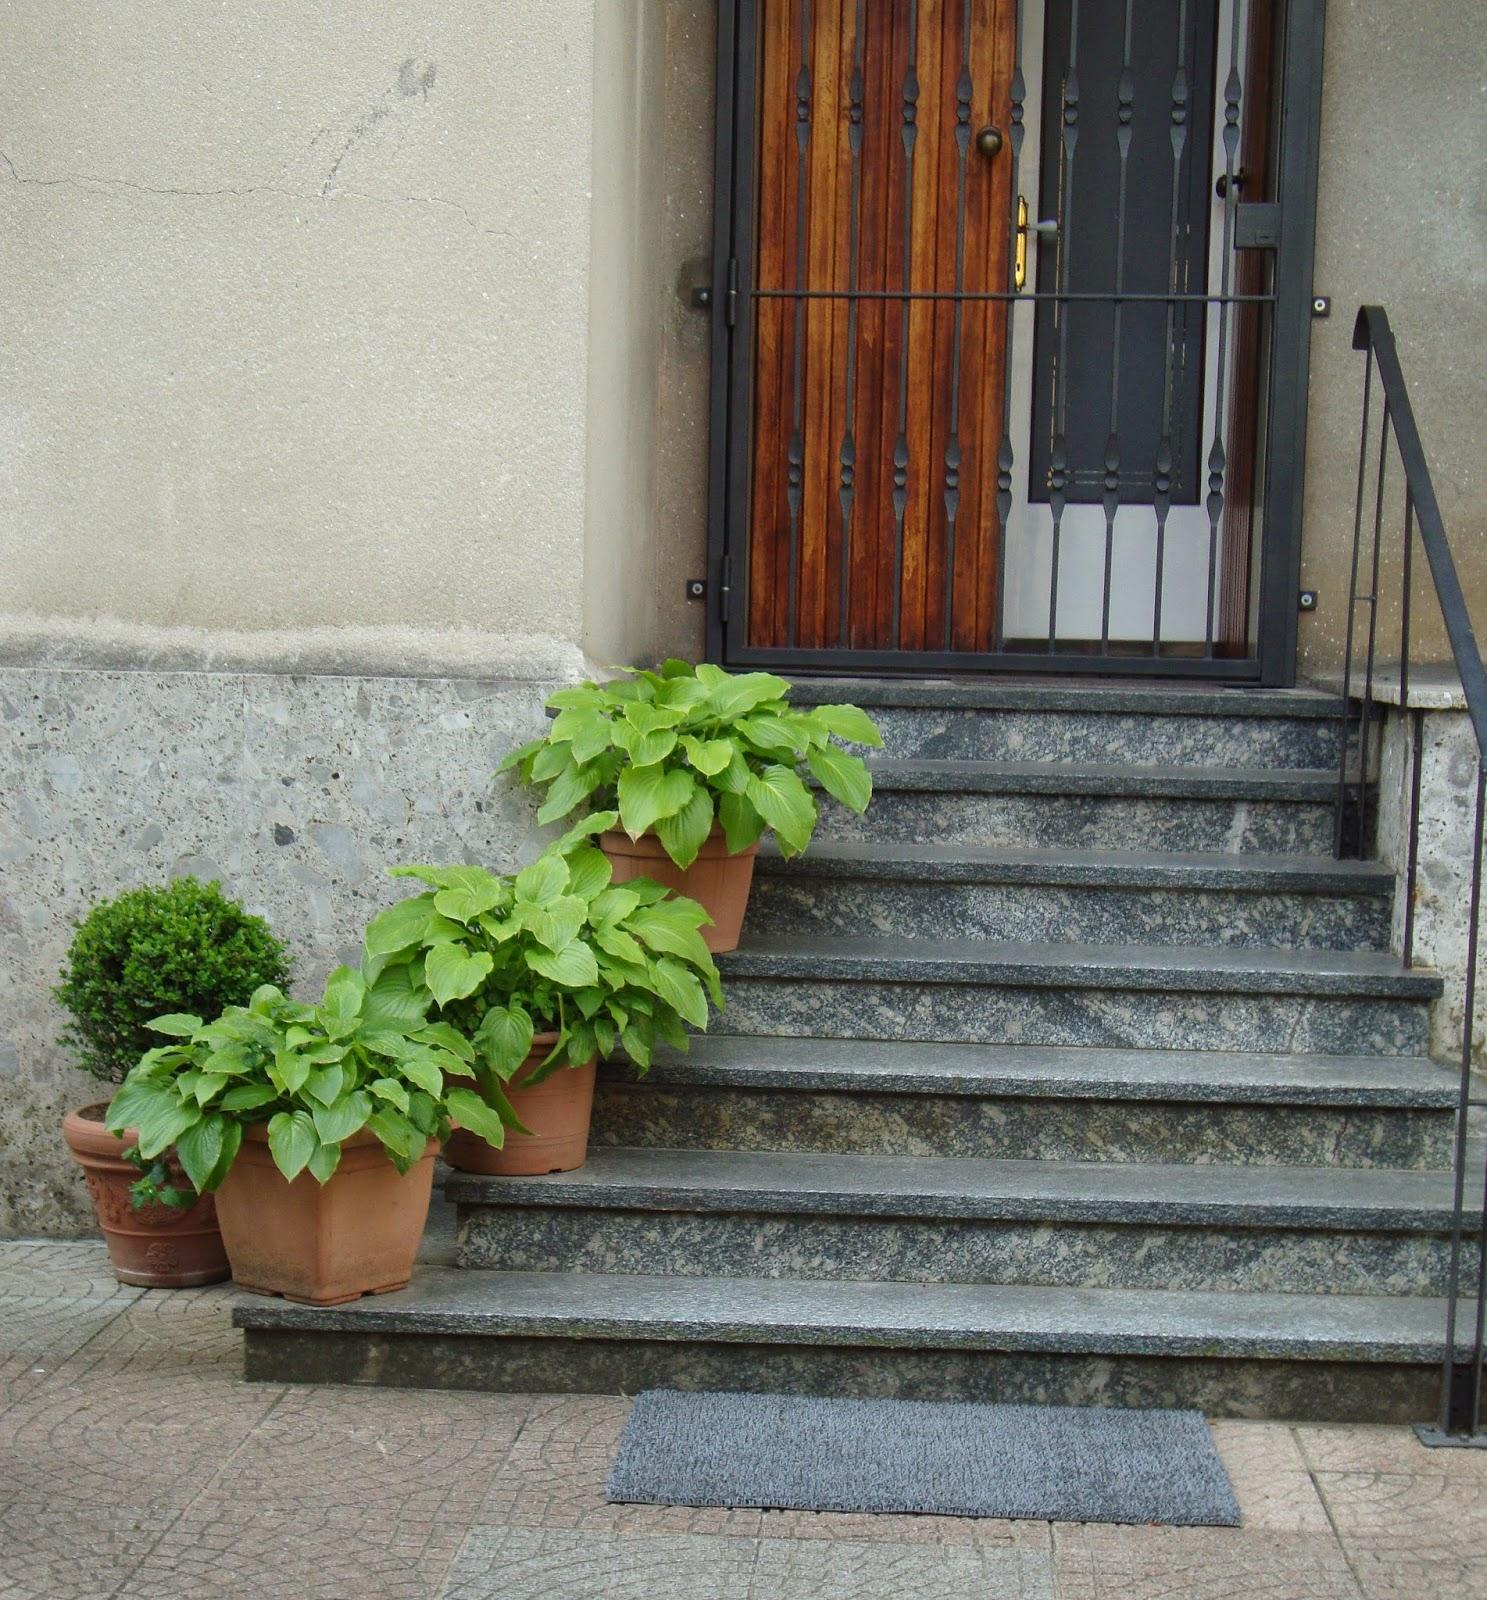 Un piccolo giardino in citt fiori e piante sulle scale - Gradini in cemento per esterno ...